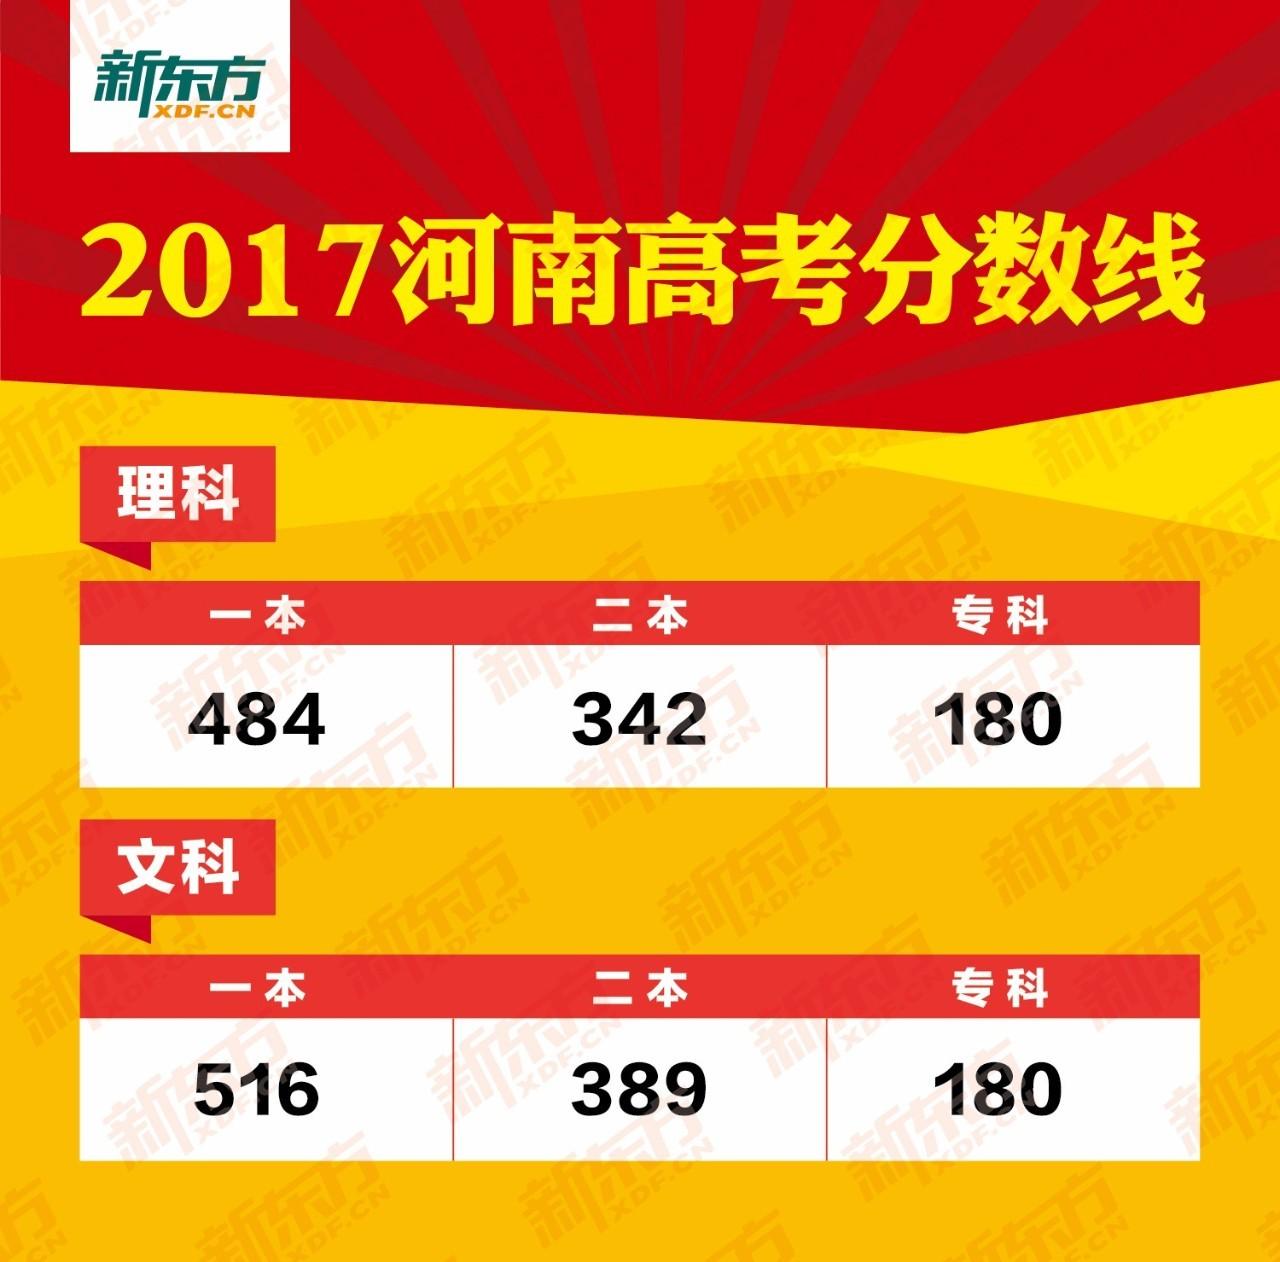 2017河南高考分数线权威发布!